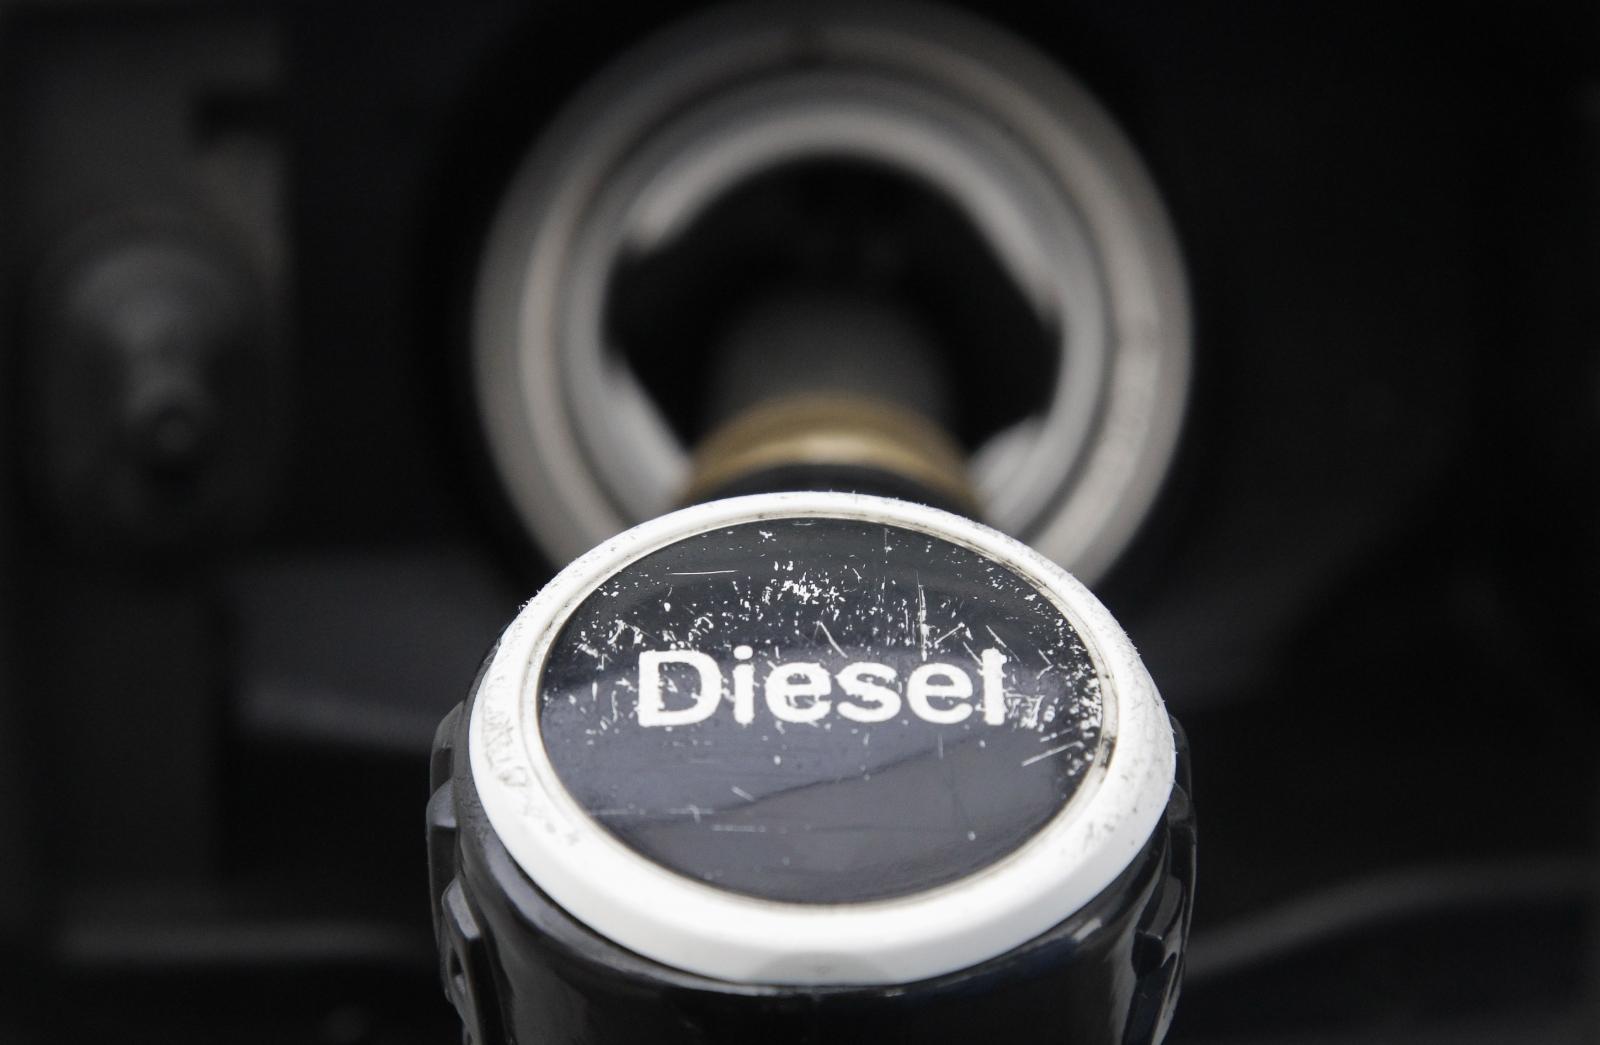 diesel car